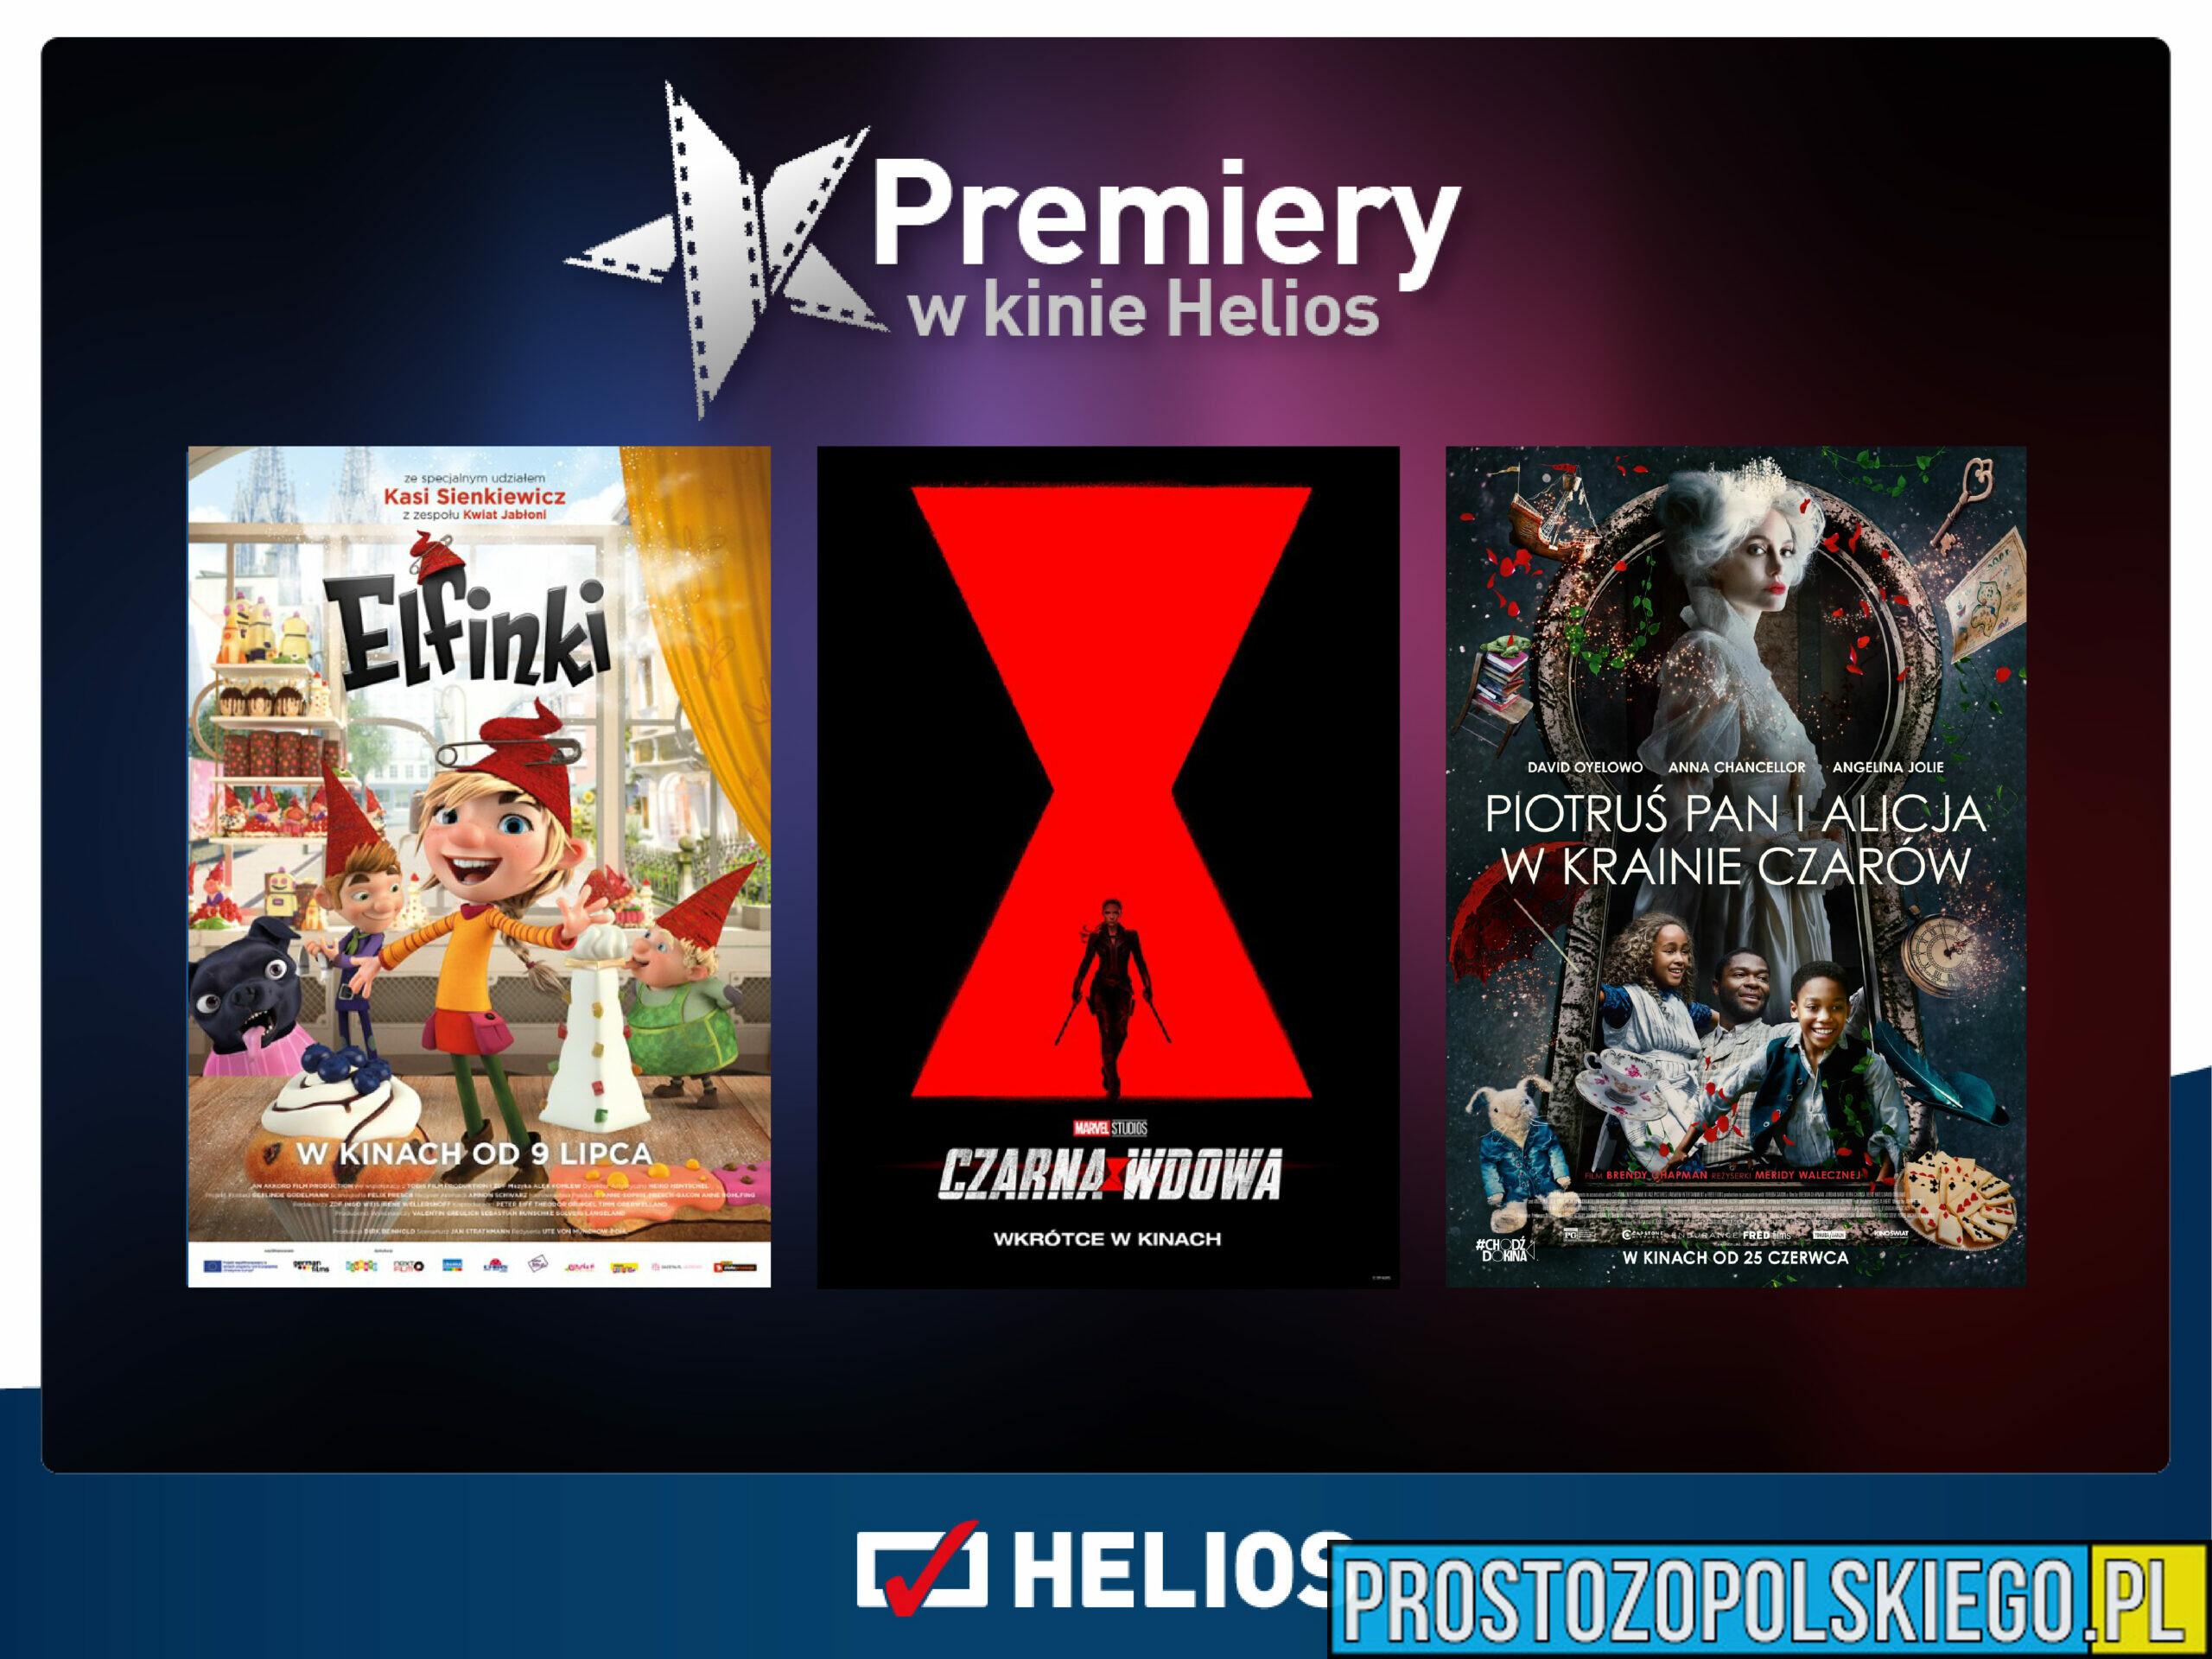 Gorące filmowe lato w kinach Helios!